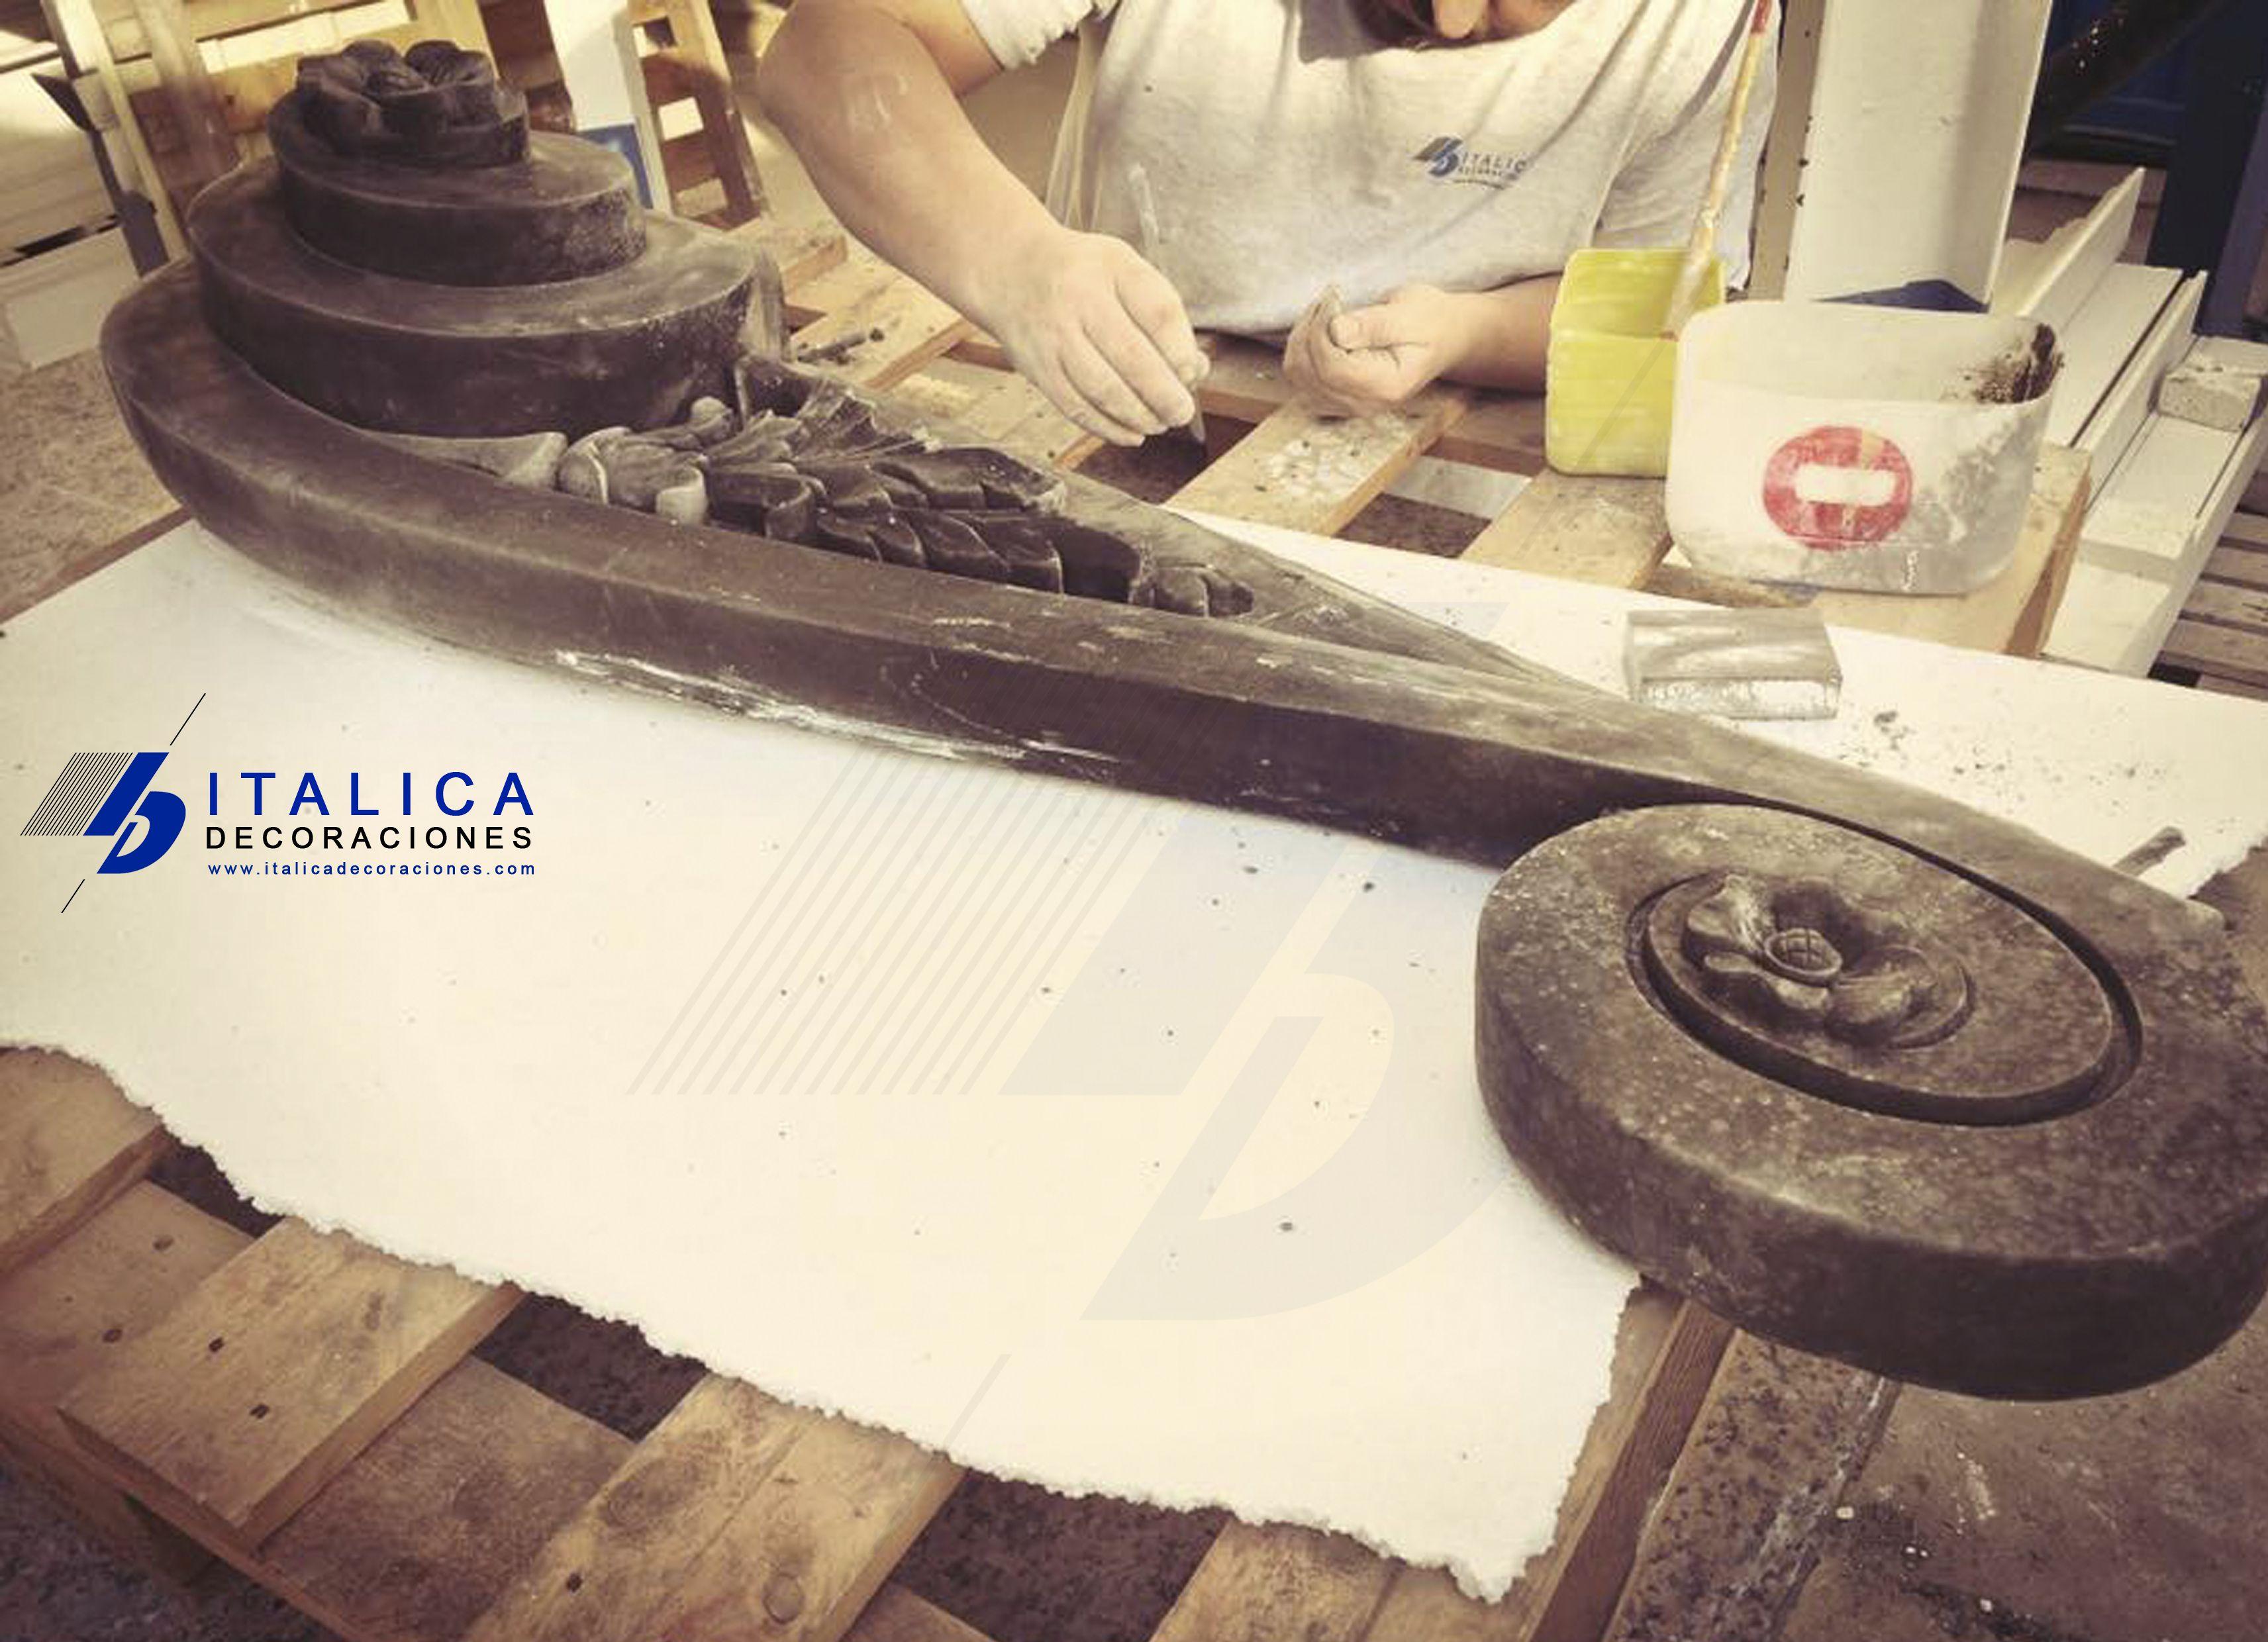 Fabricando Boluta de hormigon Especial ITALICA Rock.  www.italicadecoraciones.com